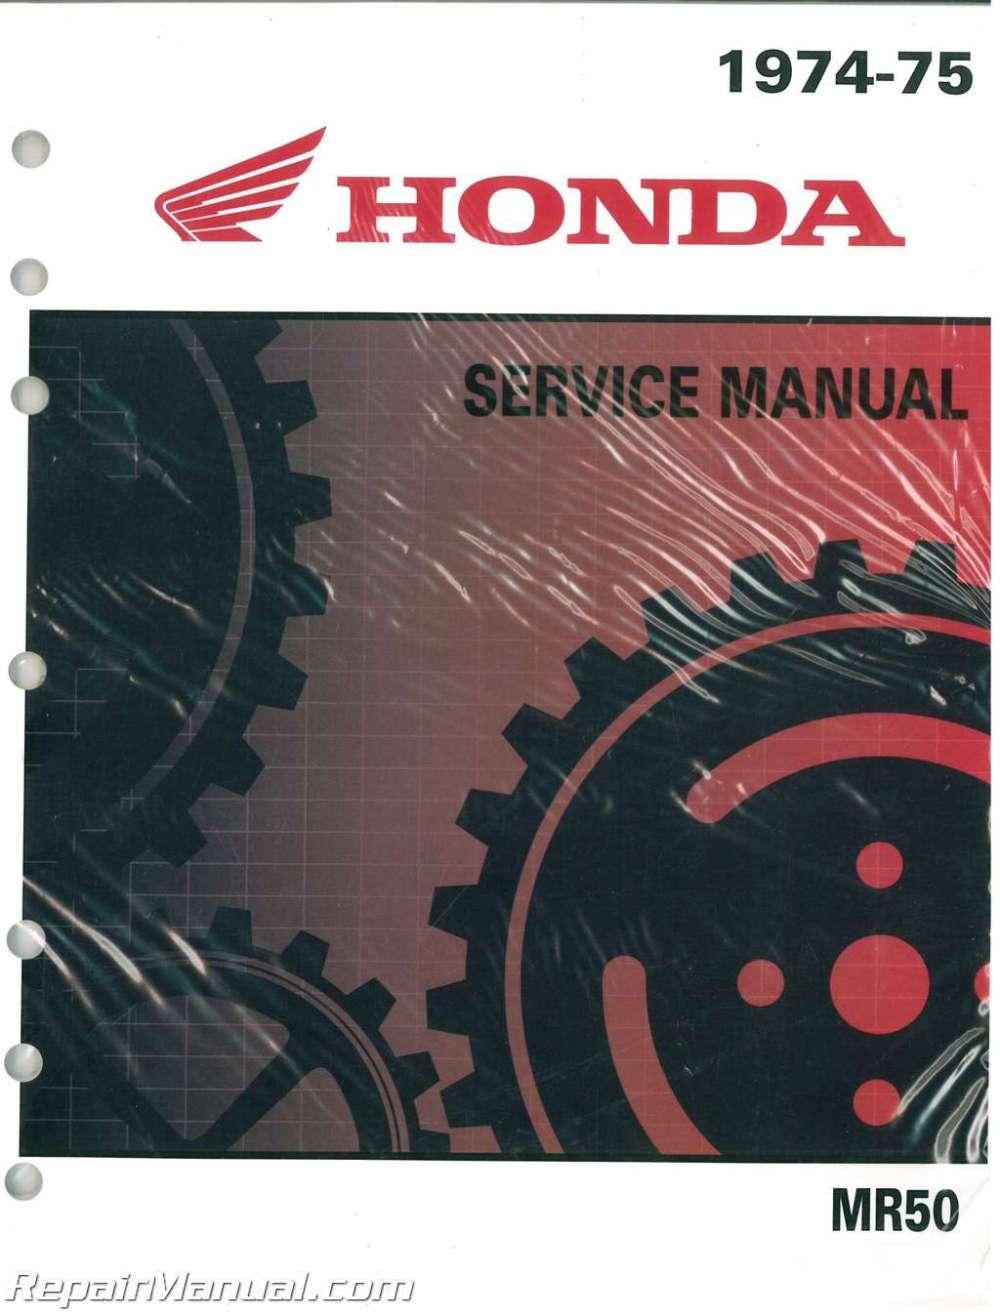 medium resolution of honda mr50 motorcycle service manual and parts manual 1974 1975